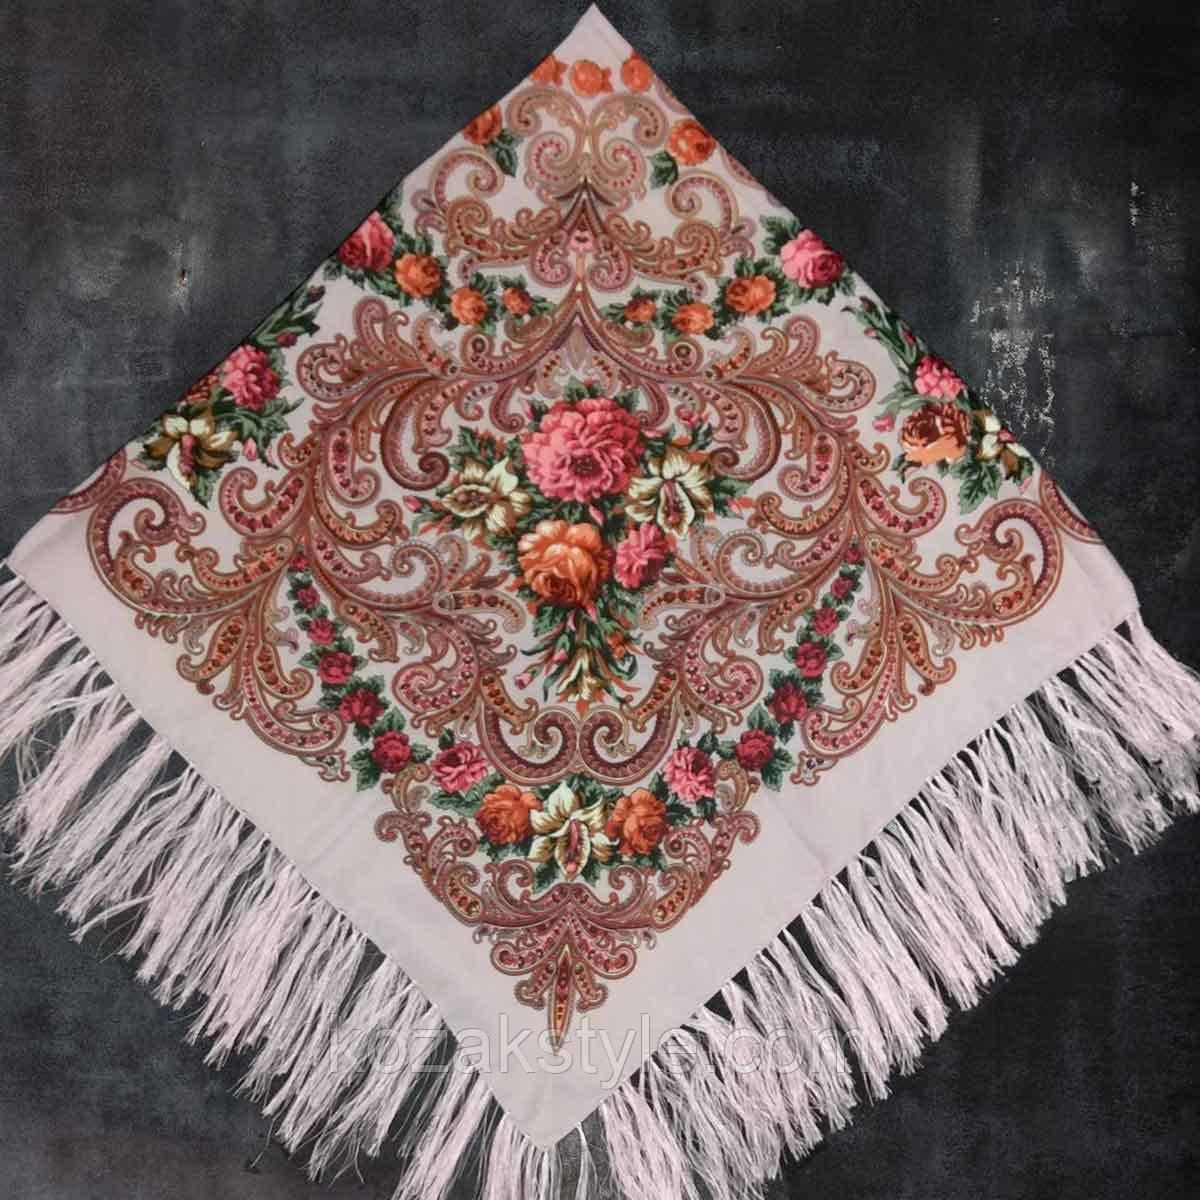 Народна хустка з бахромою (120х120) попелясто-рожева